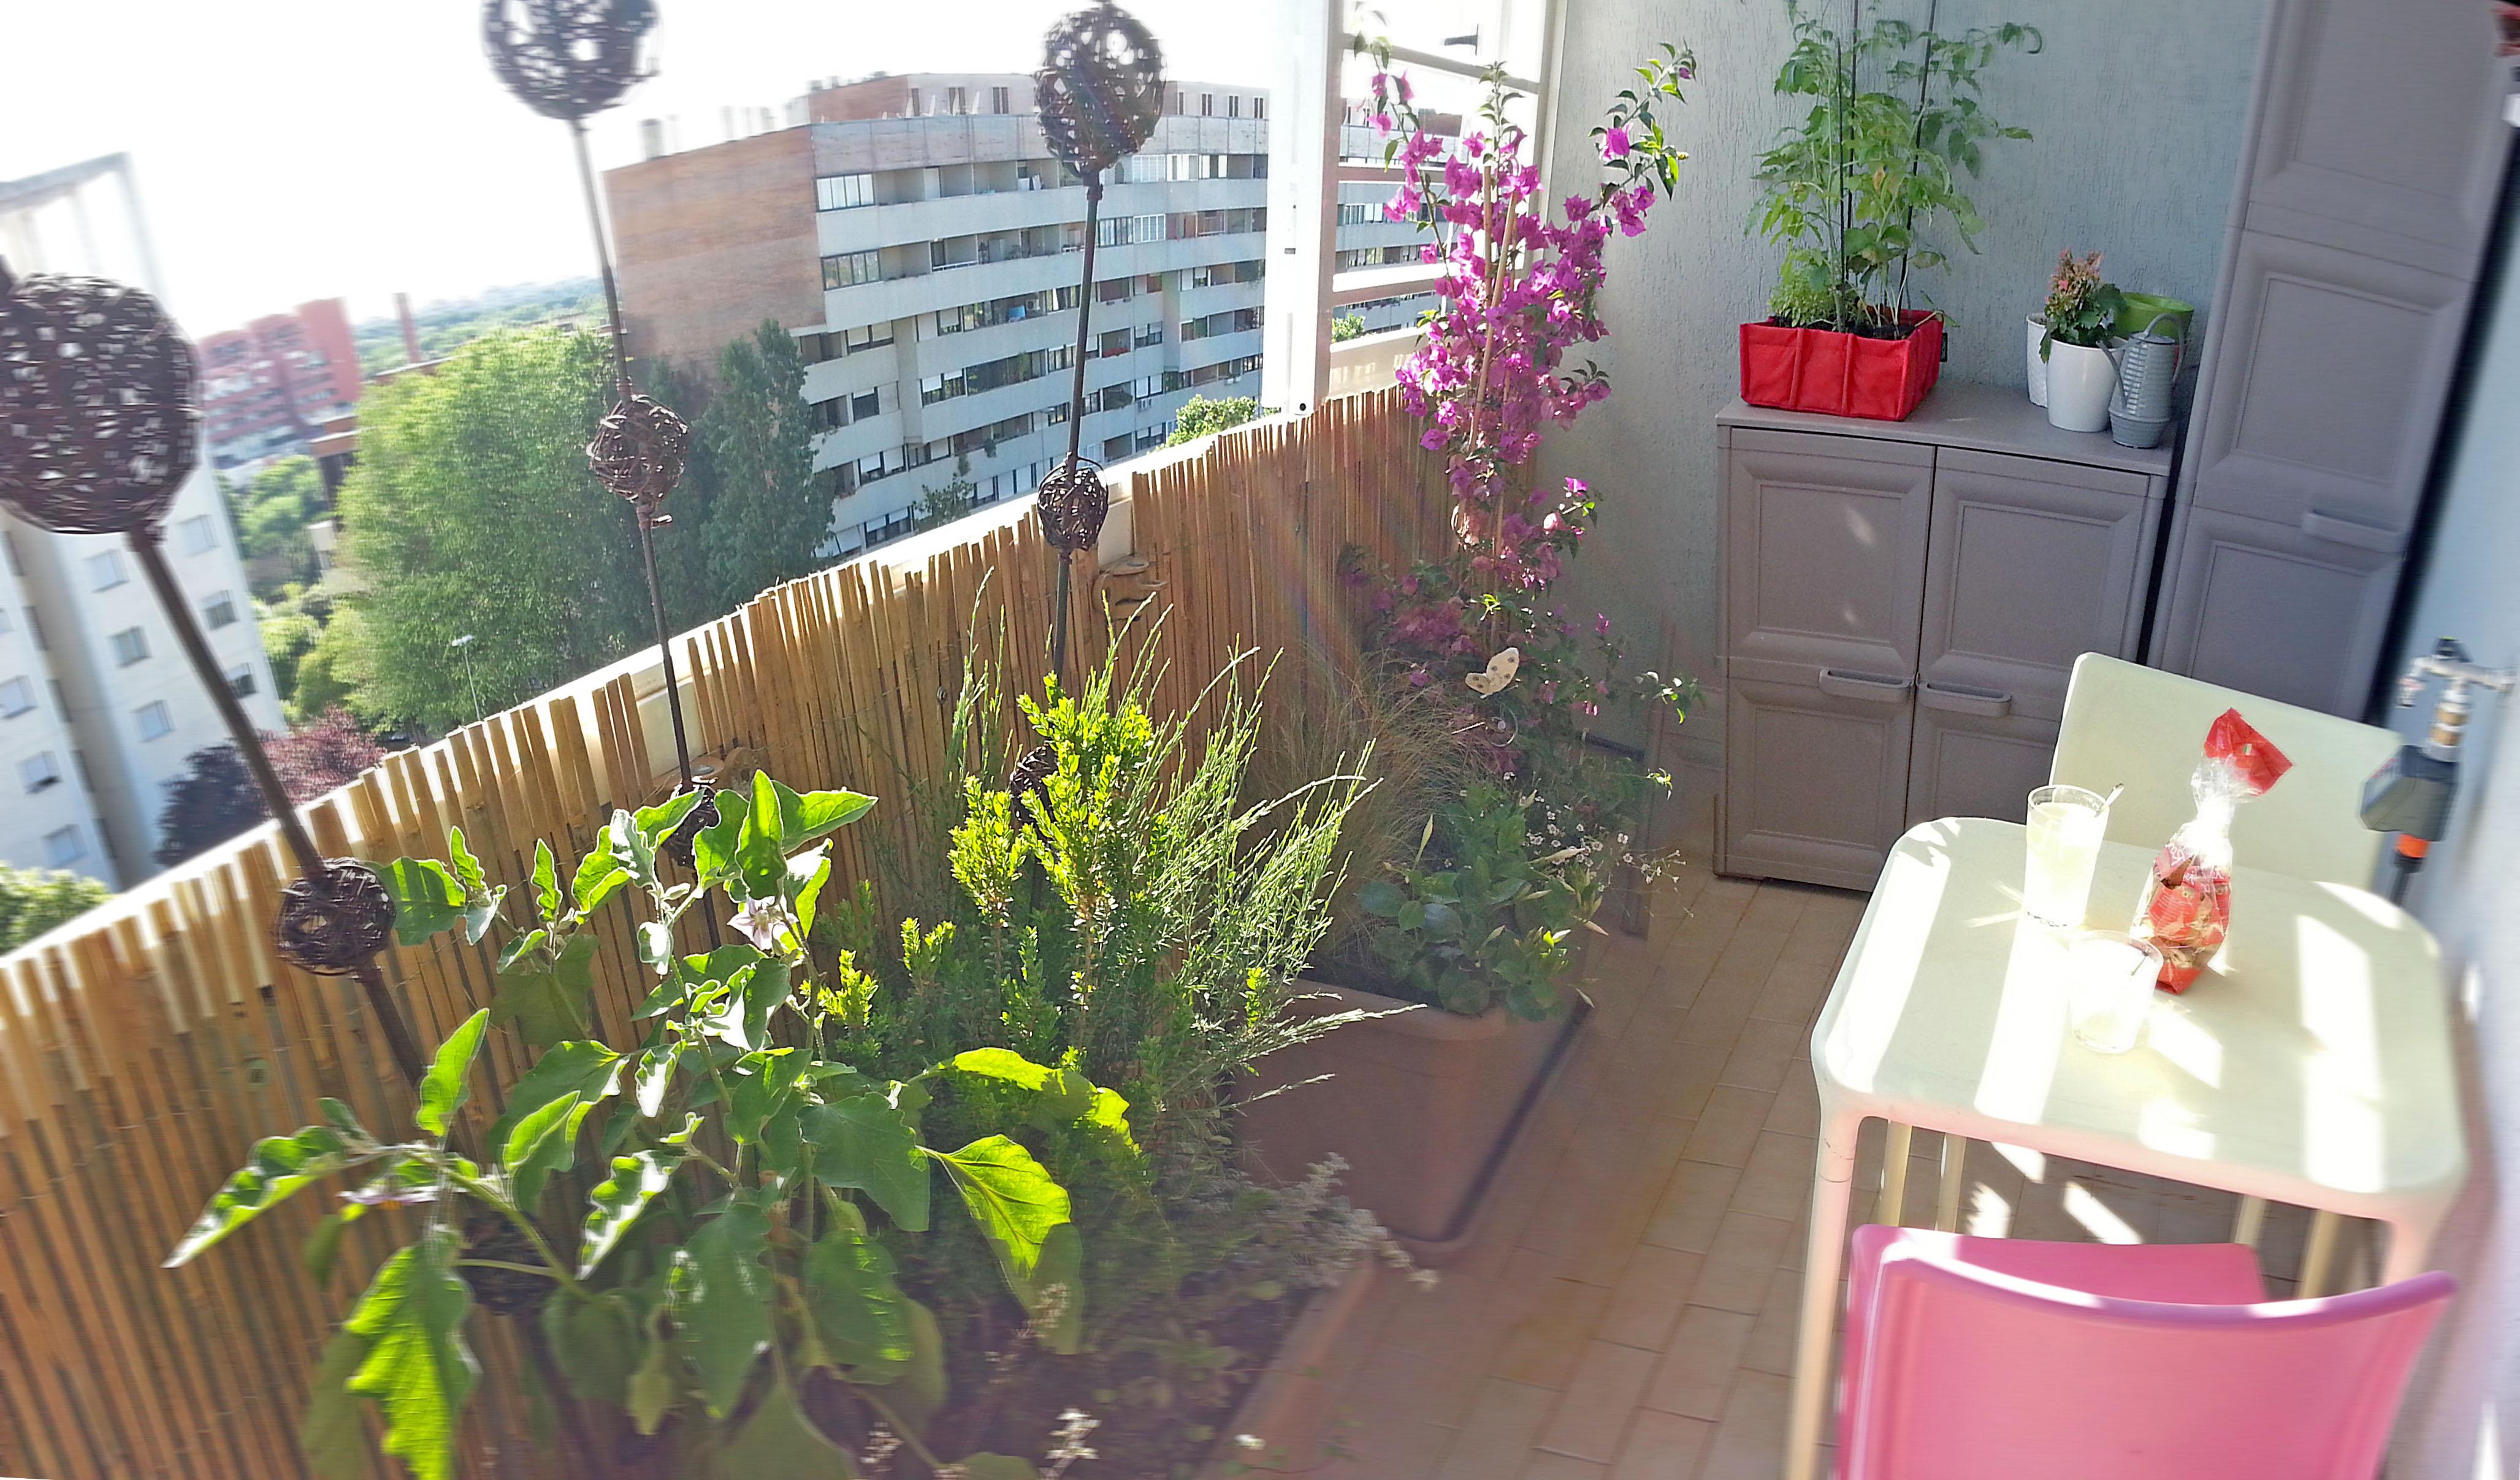 Legno per pareti esterni - Arredare piccolo giardino ...